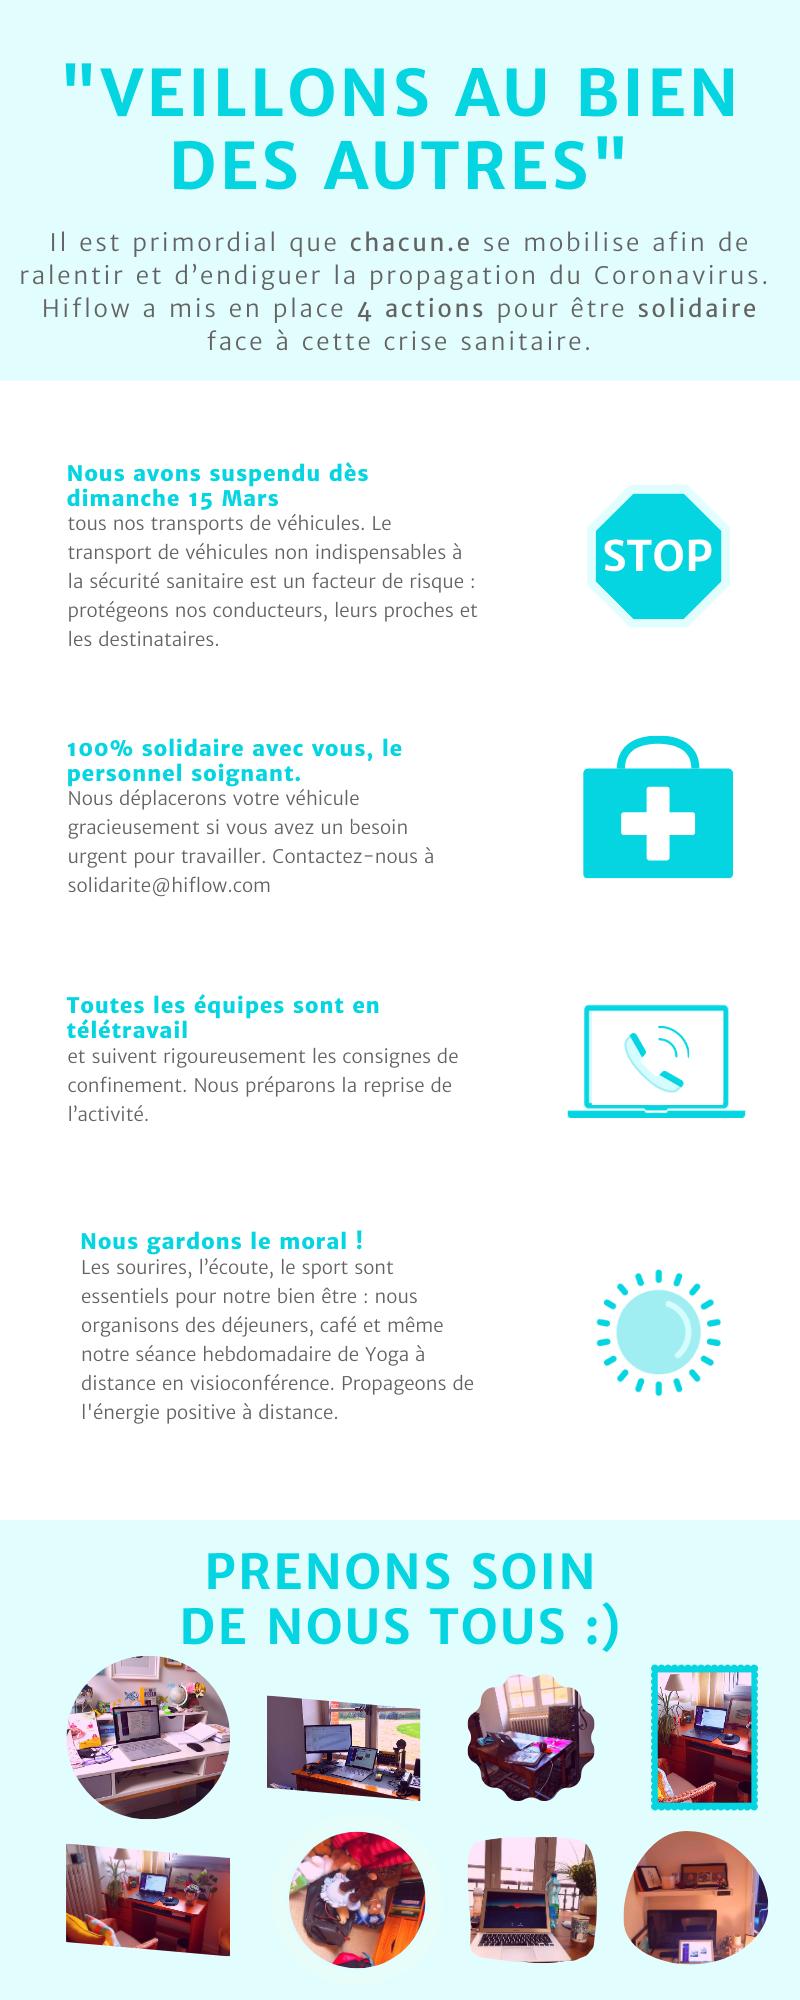 4 actions pour limiter la propagation du Coronavirus